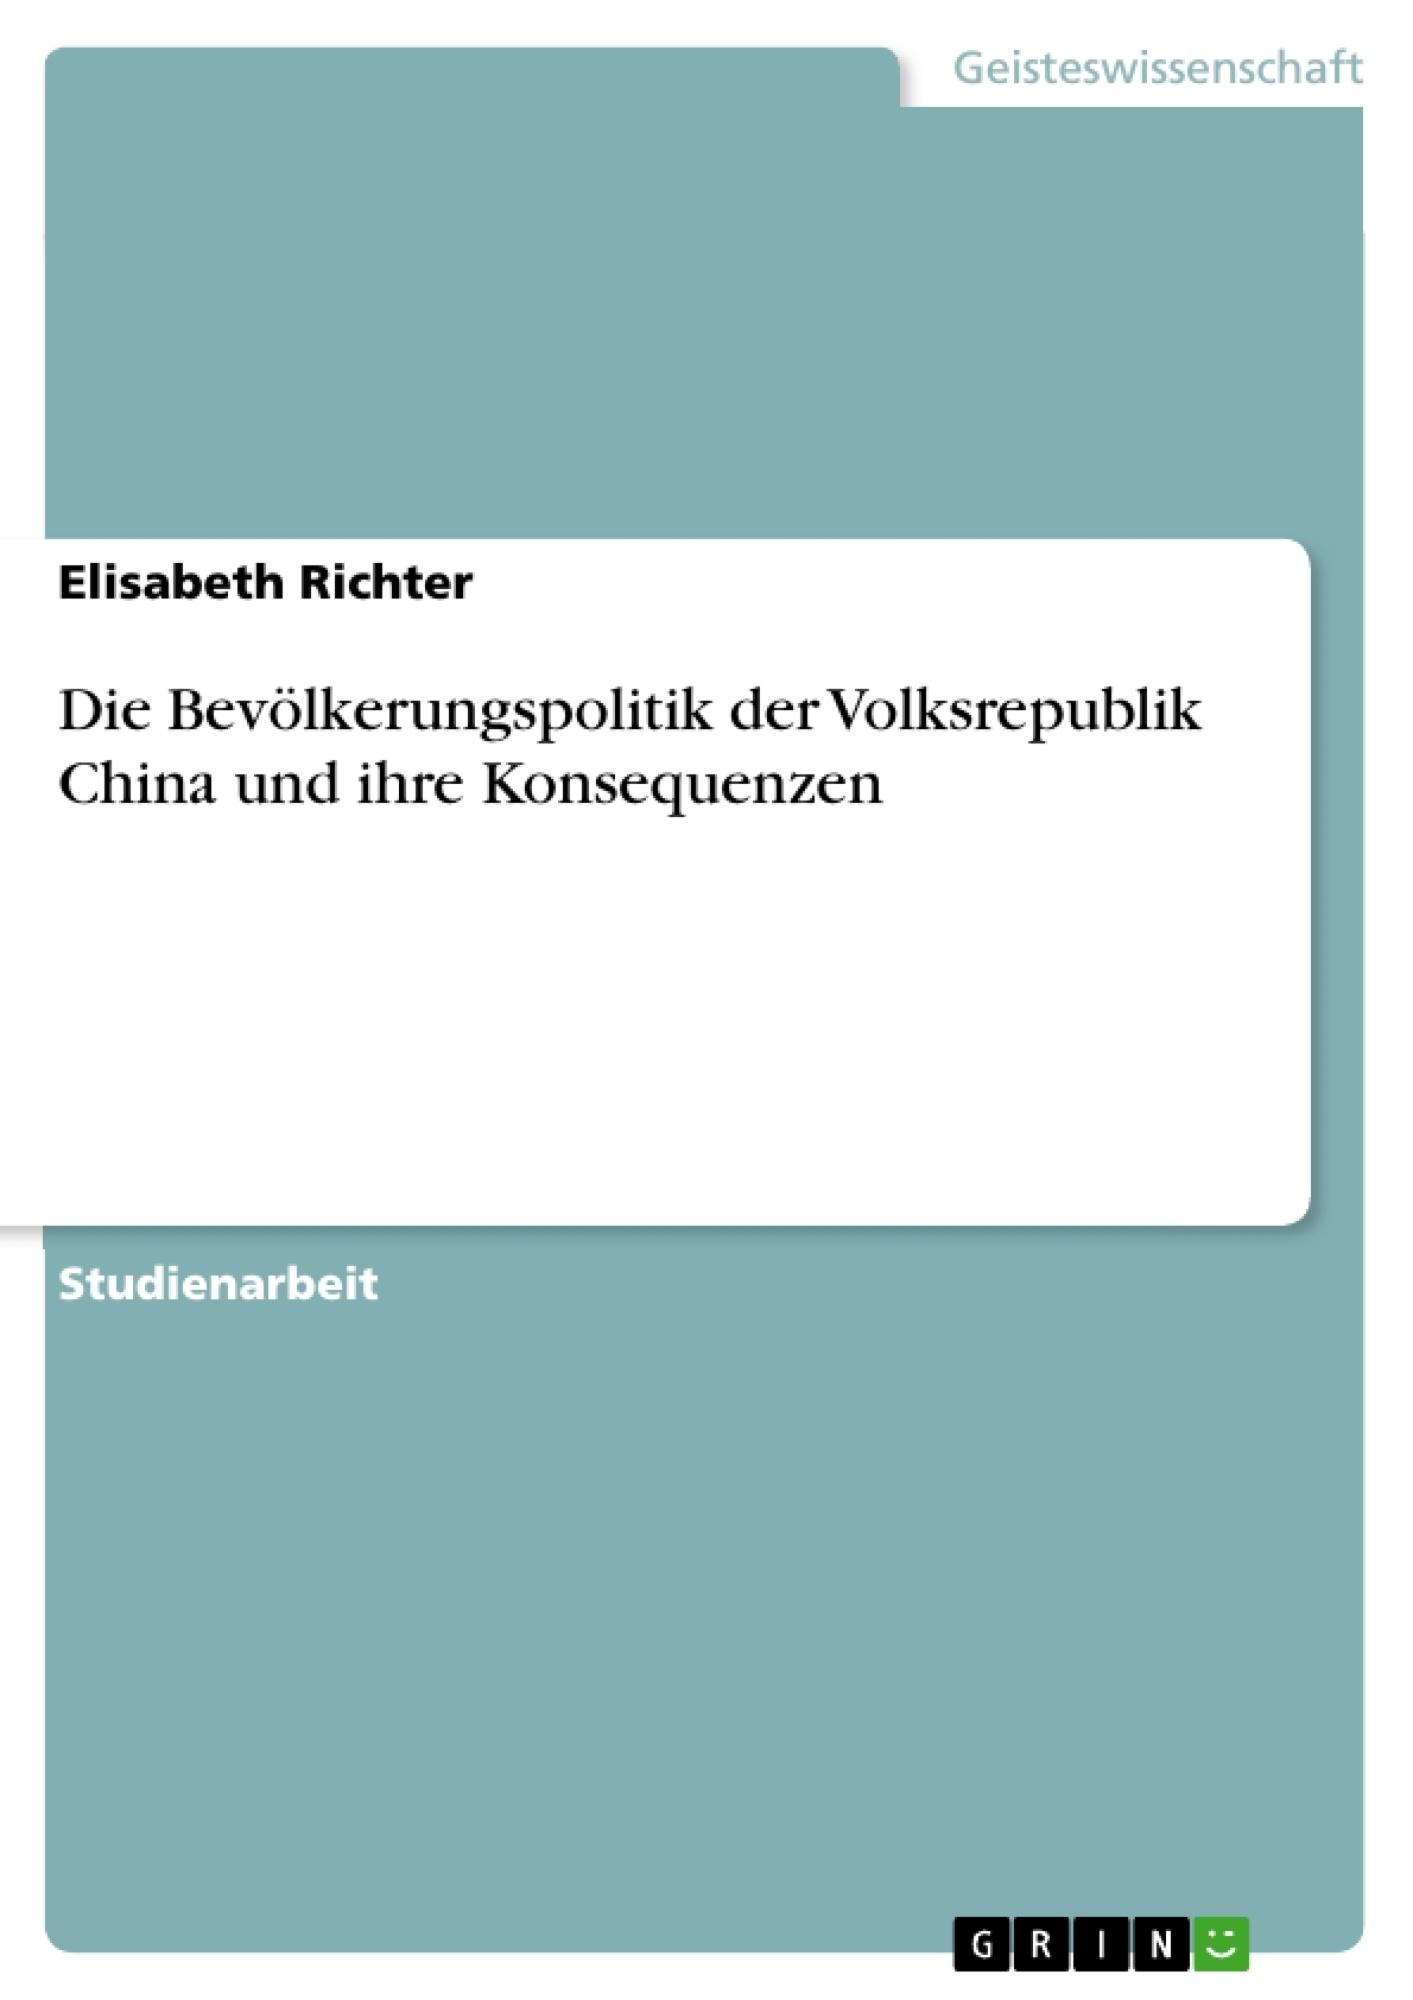 Titel: Die Bevölkerungspolitik der Volksrepublik China und ihre Konsequenzen